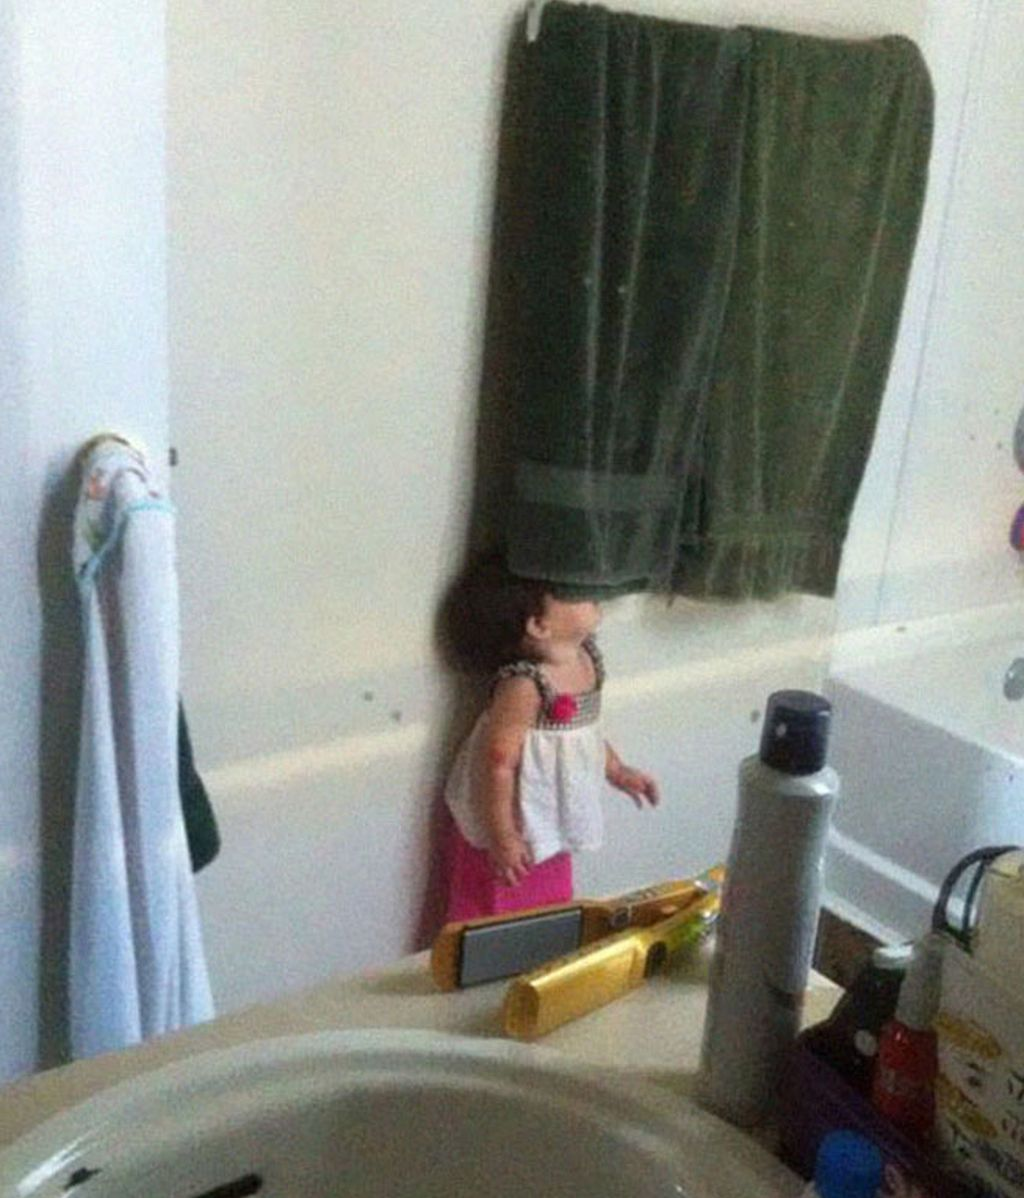 Los niños creen que si ellos no pueden verte, tú no les verás tampoco